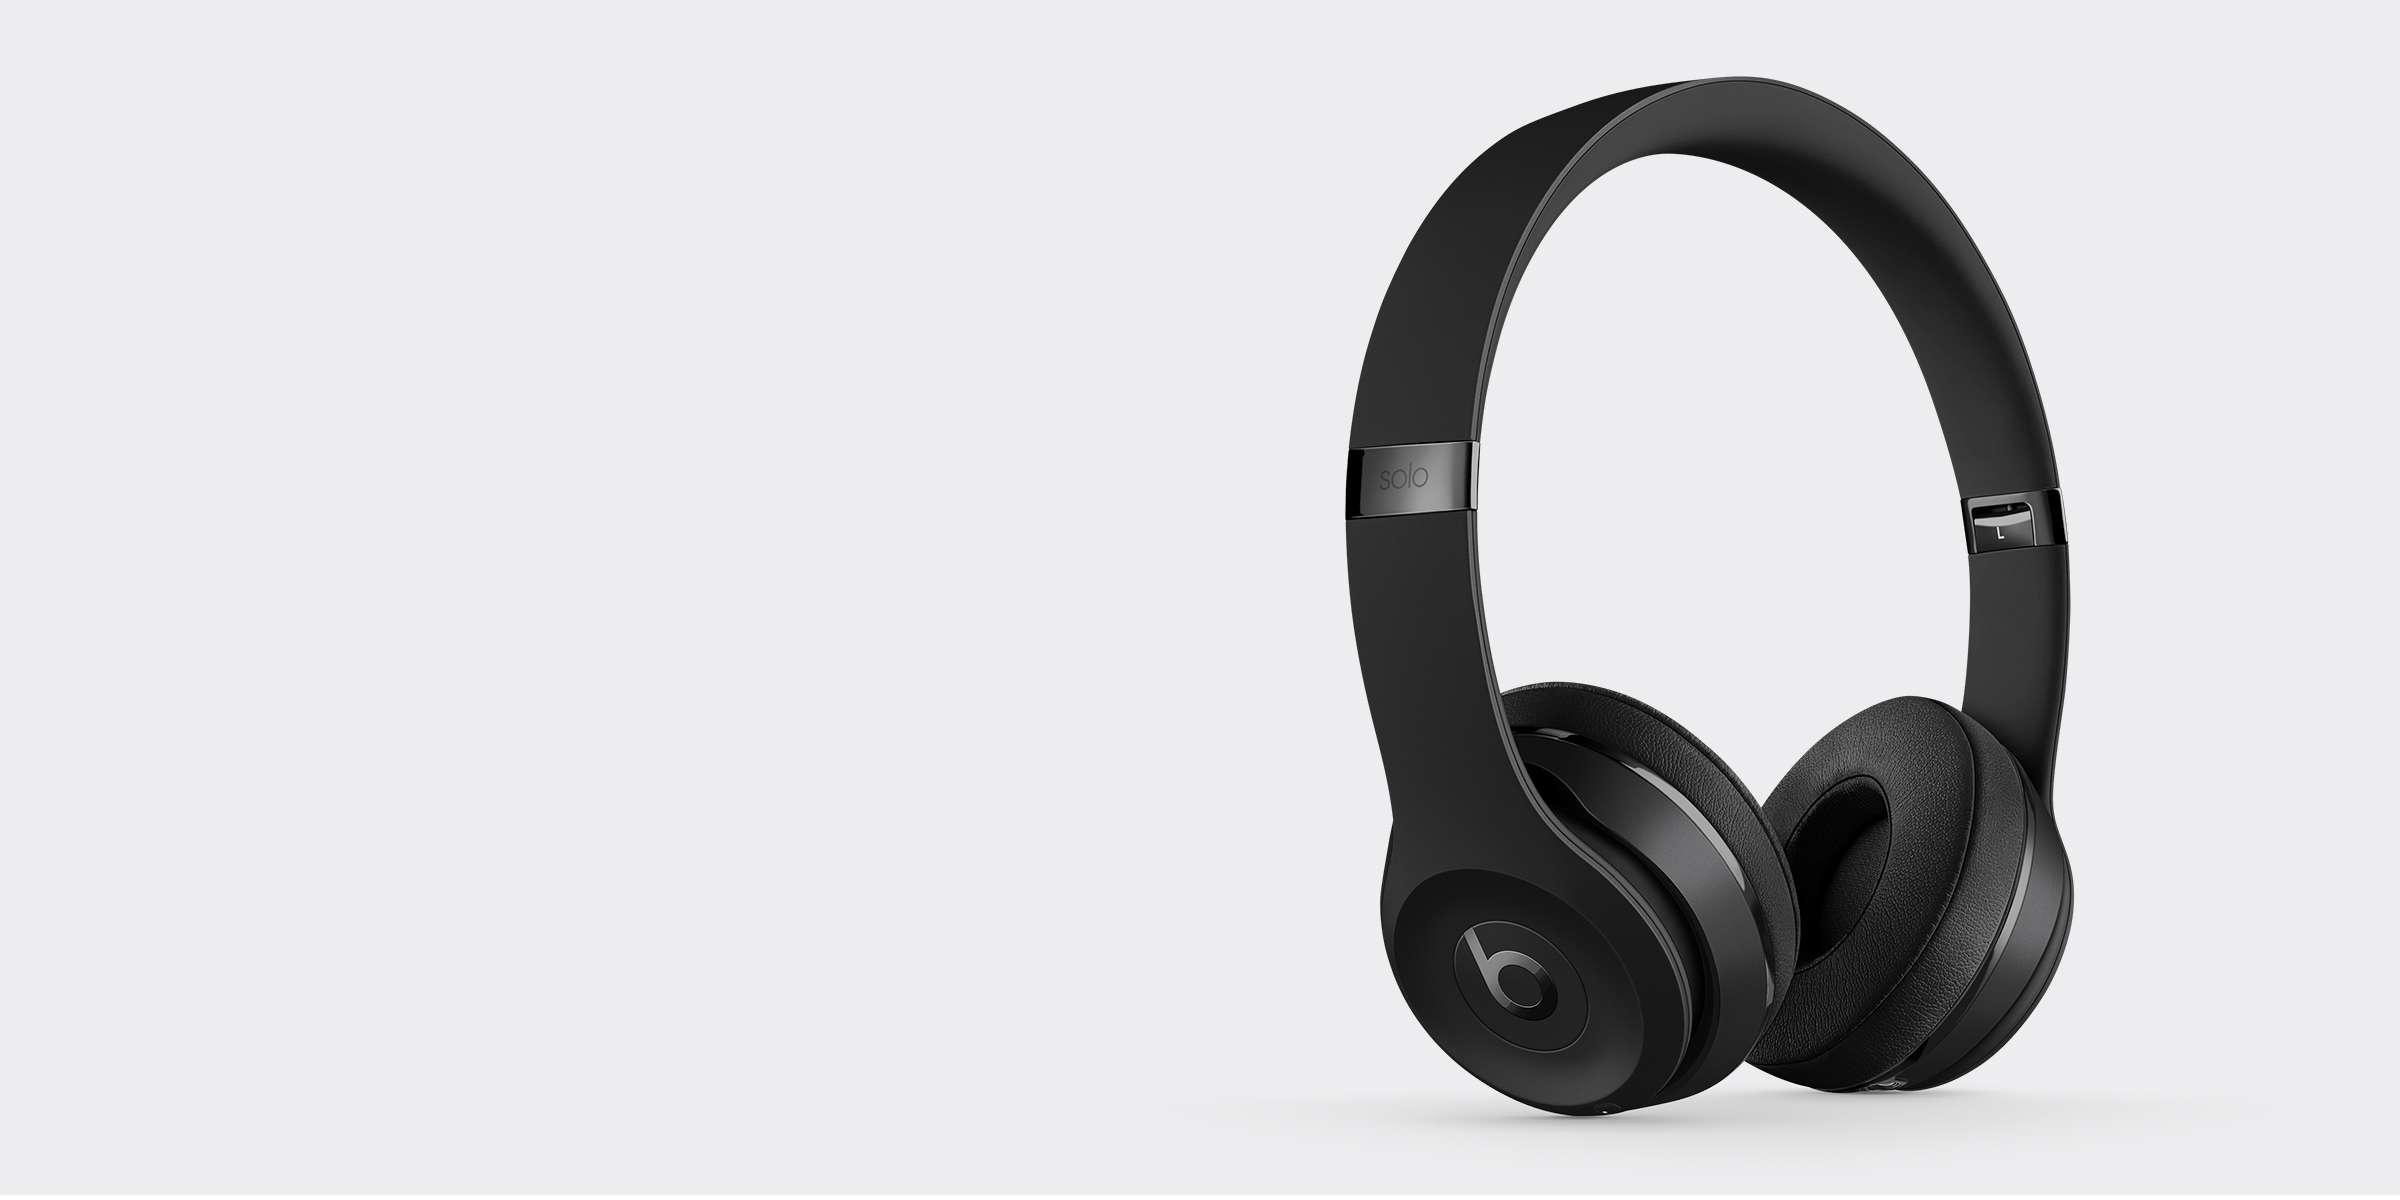 Beats Backgrounds, Compatible - PC, Mobile, Gadgets  2400x1200 px